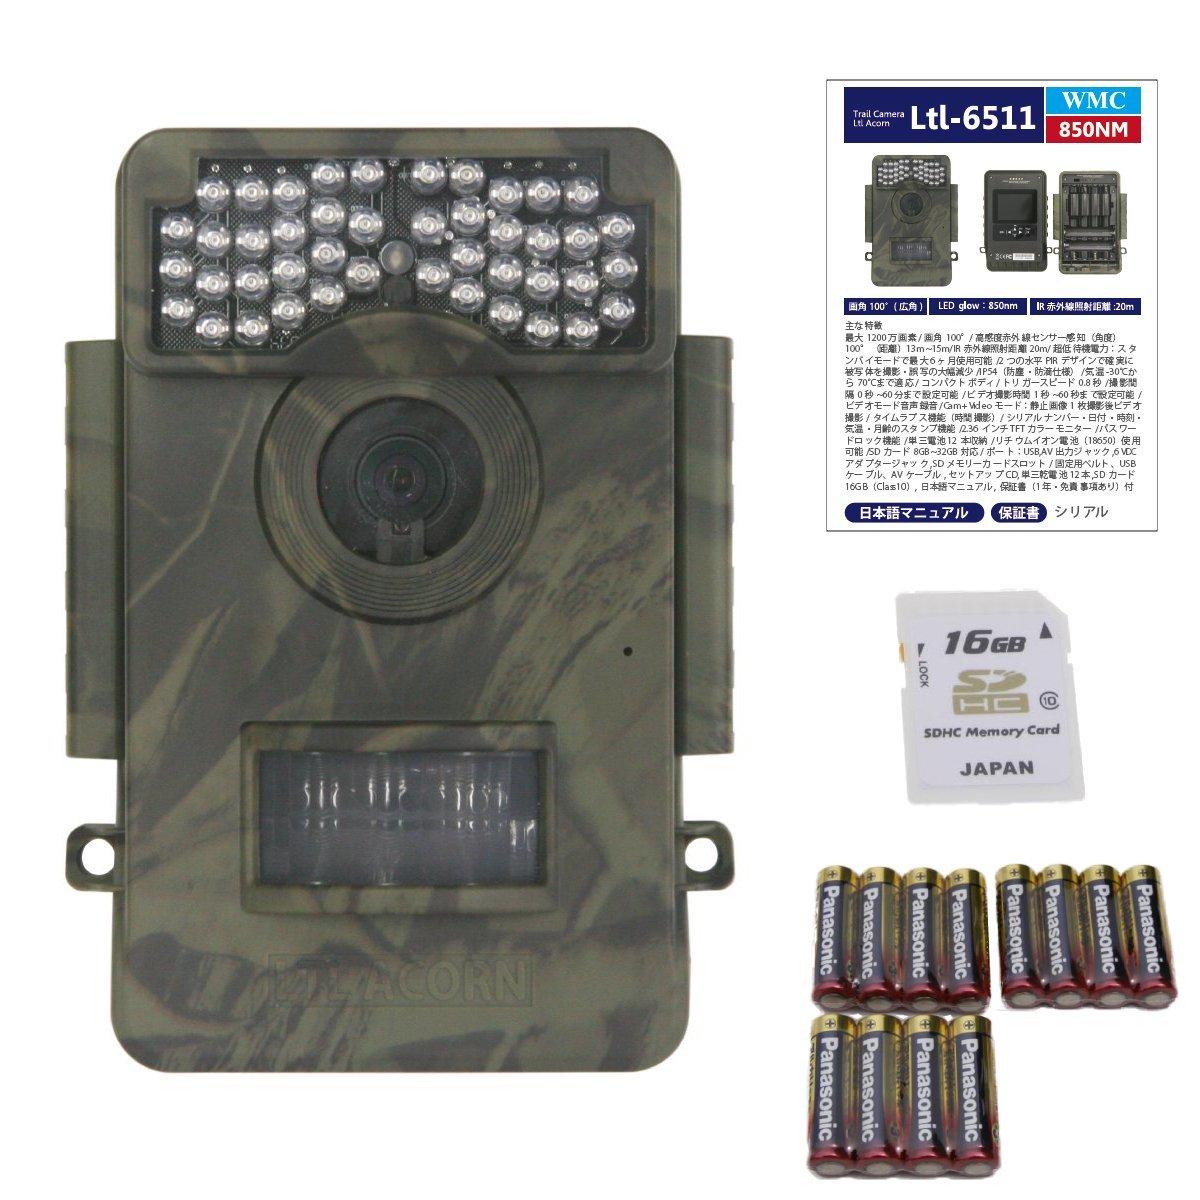 100 %品質保証 Ltl Acorn B01CCLW1DI トレイルカメラ Ltl-6511WMC(広角レンズ) 850NM(グロータイプ) Ltl トレイルカメラ B01CCLW1DI, 蒲生郡:acbf64b3 --- a0267596.xsph.ru